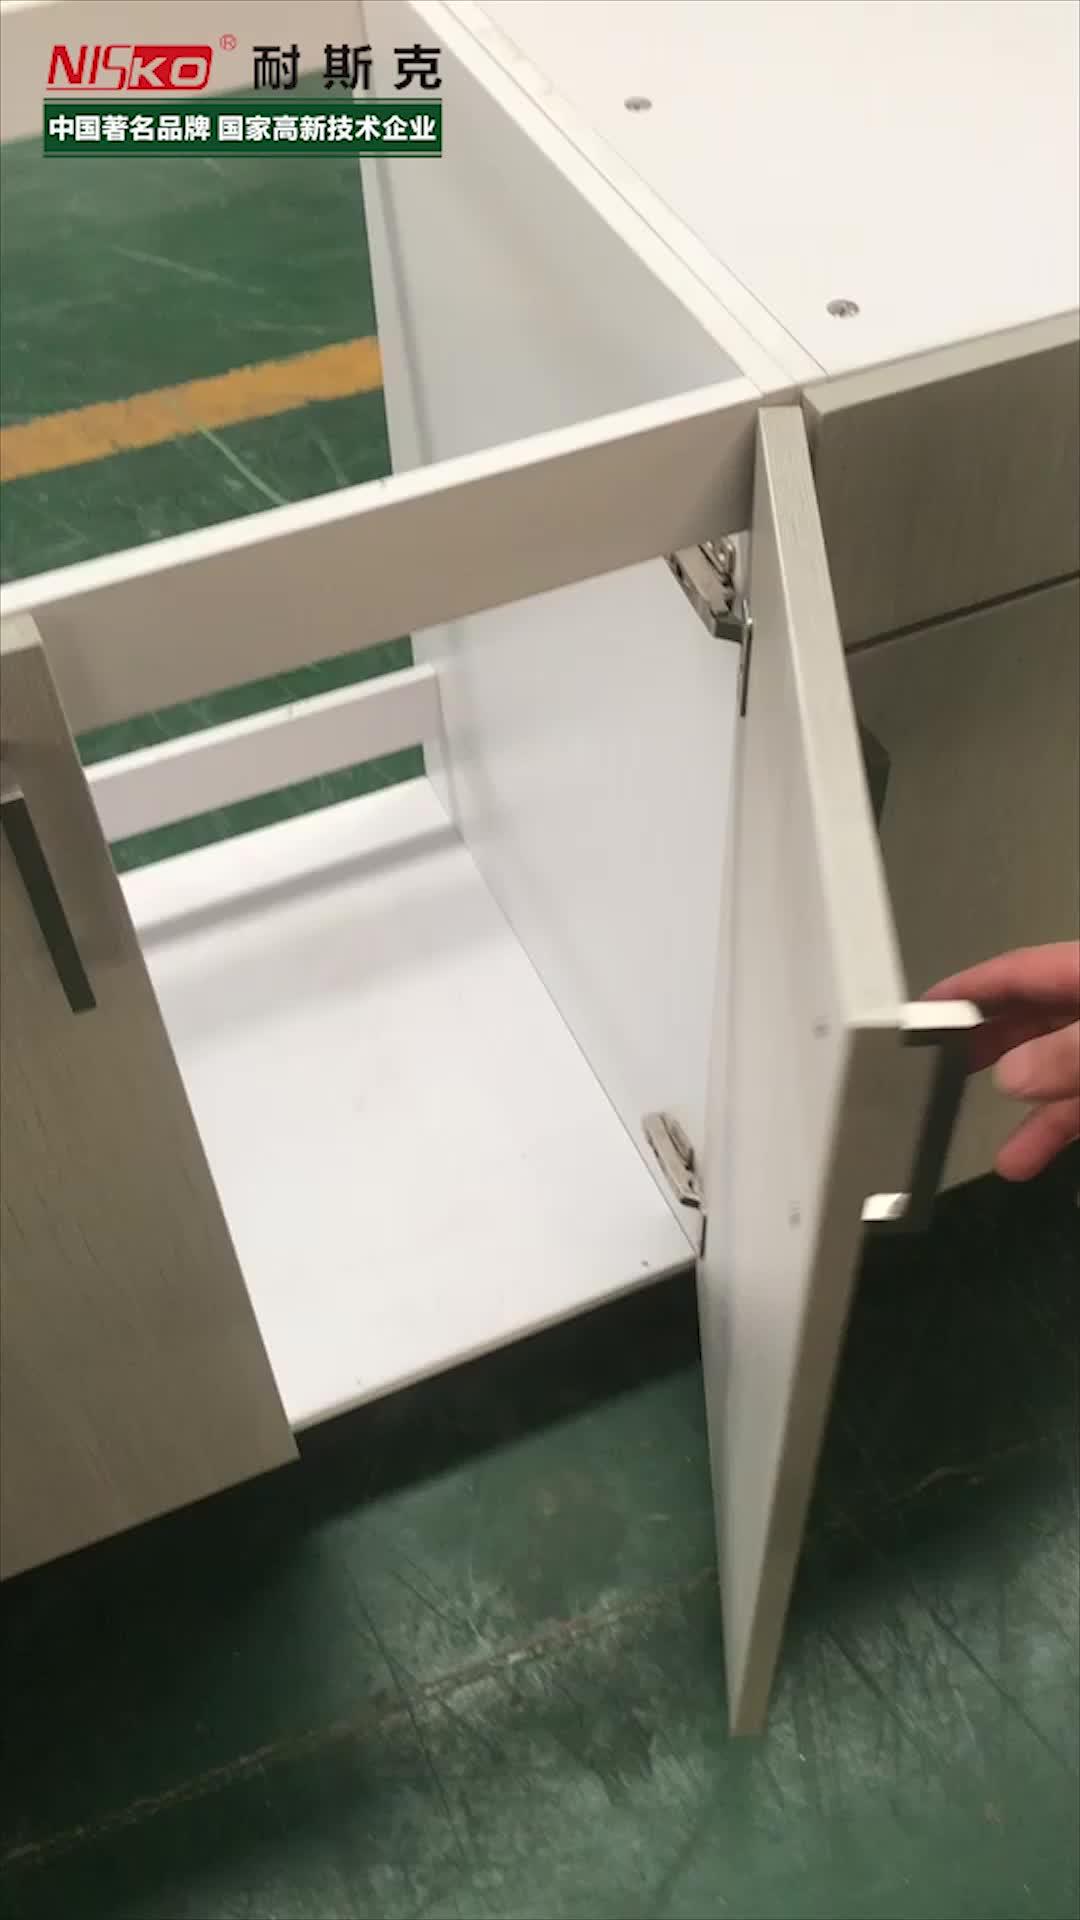 Bisagra hidráulica para puerta ss, cierre suave, acero inoxidable, SUS 304